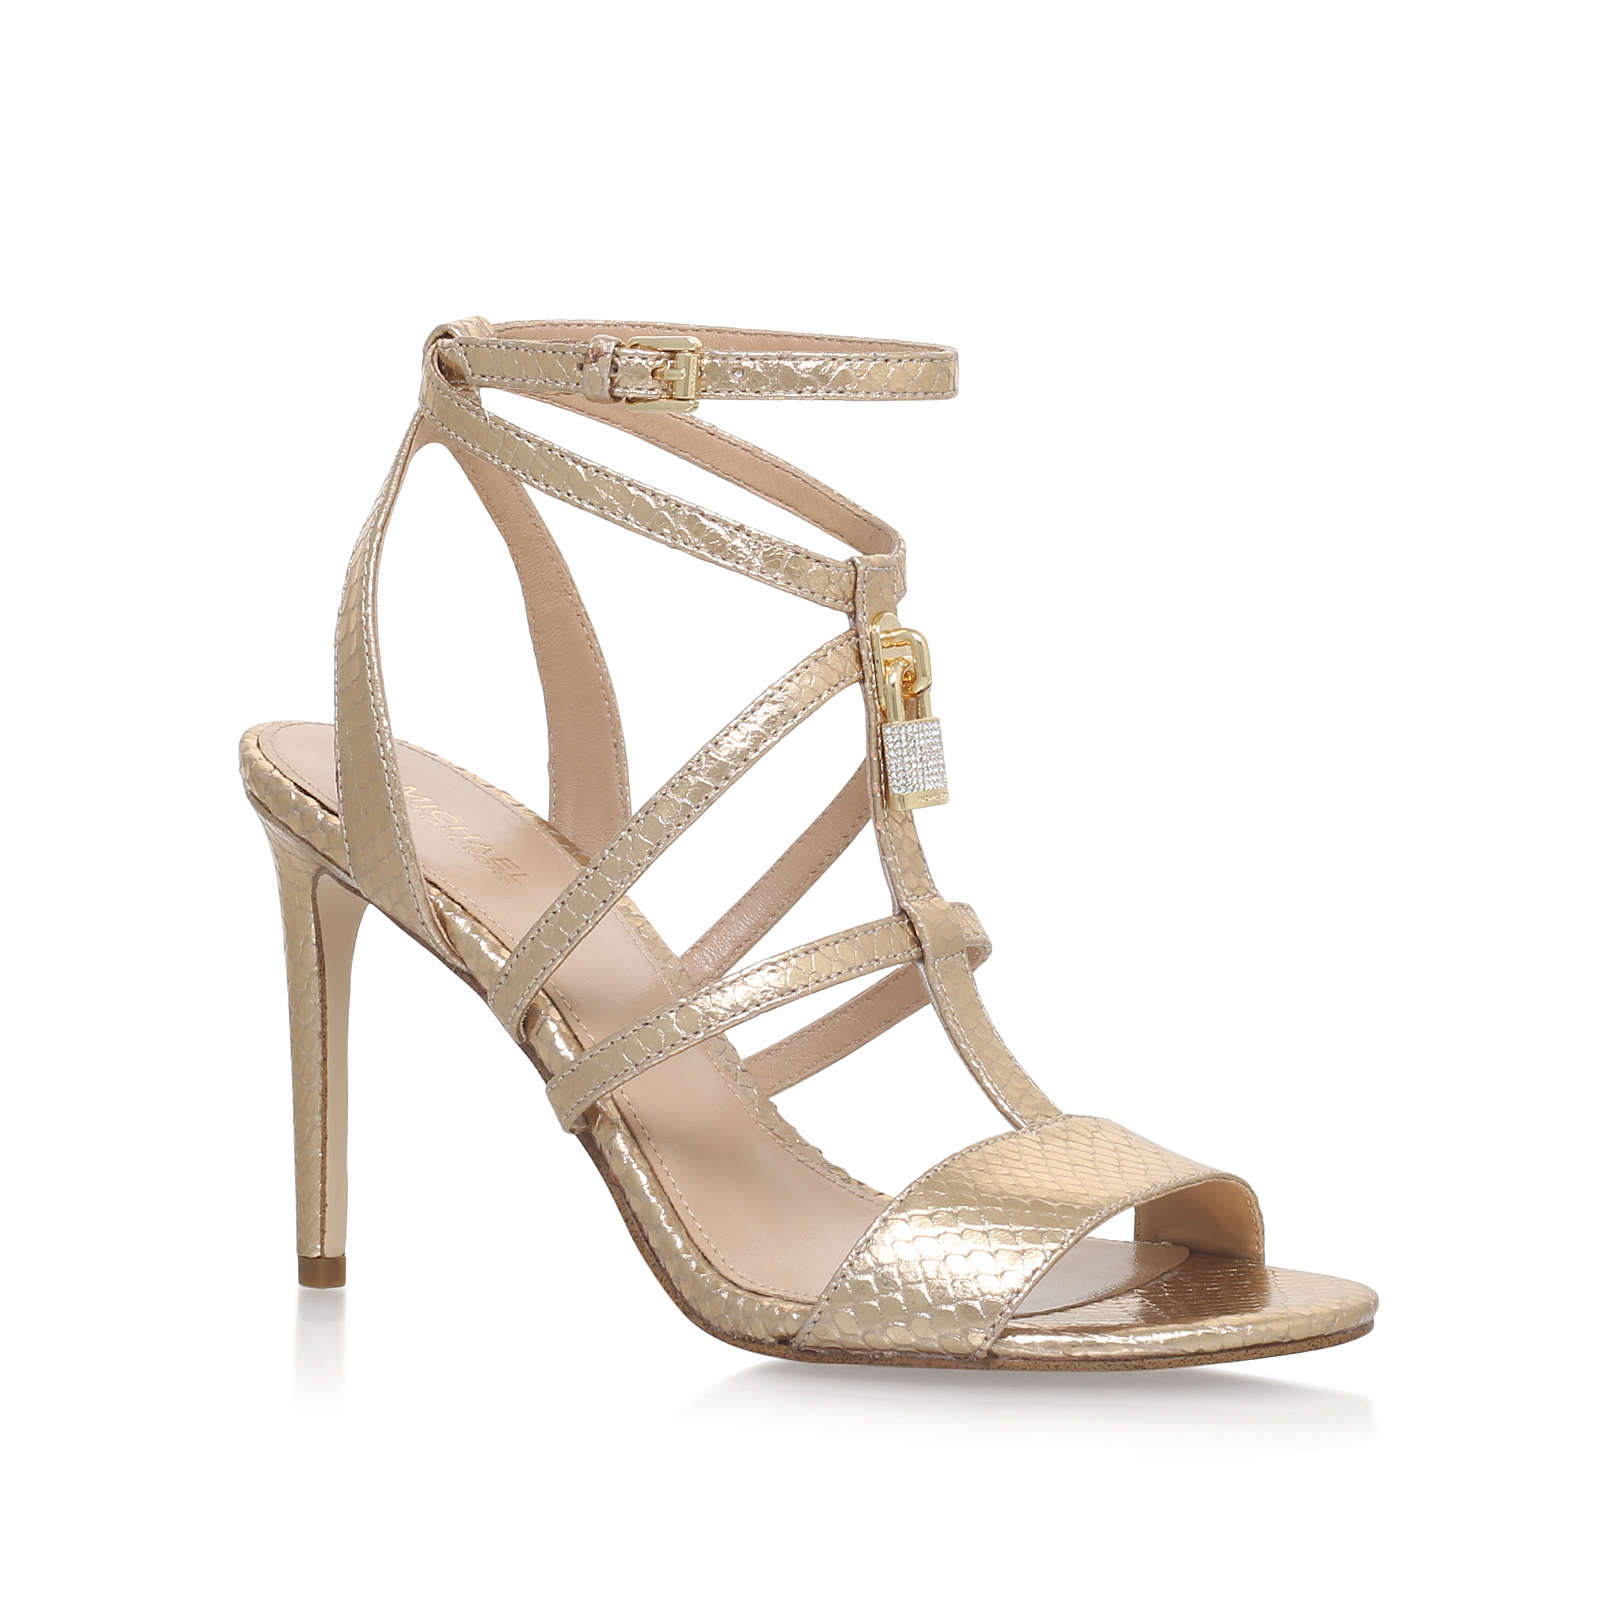 f8b964c2bf62 ANTOINETTE SANDAL Michael Michael Kors Antoinette Gold High Heel Sandals by MICHAEL  MICHAEL KORS